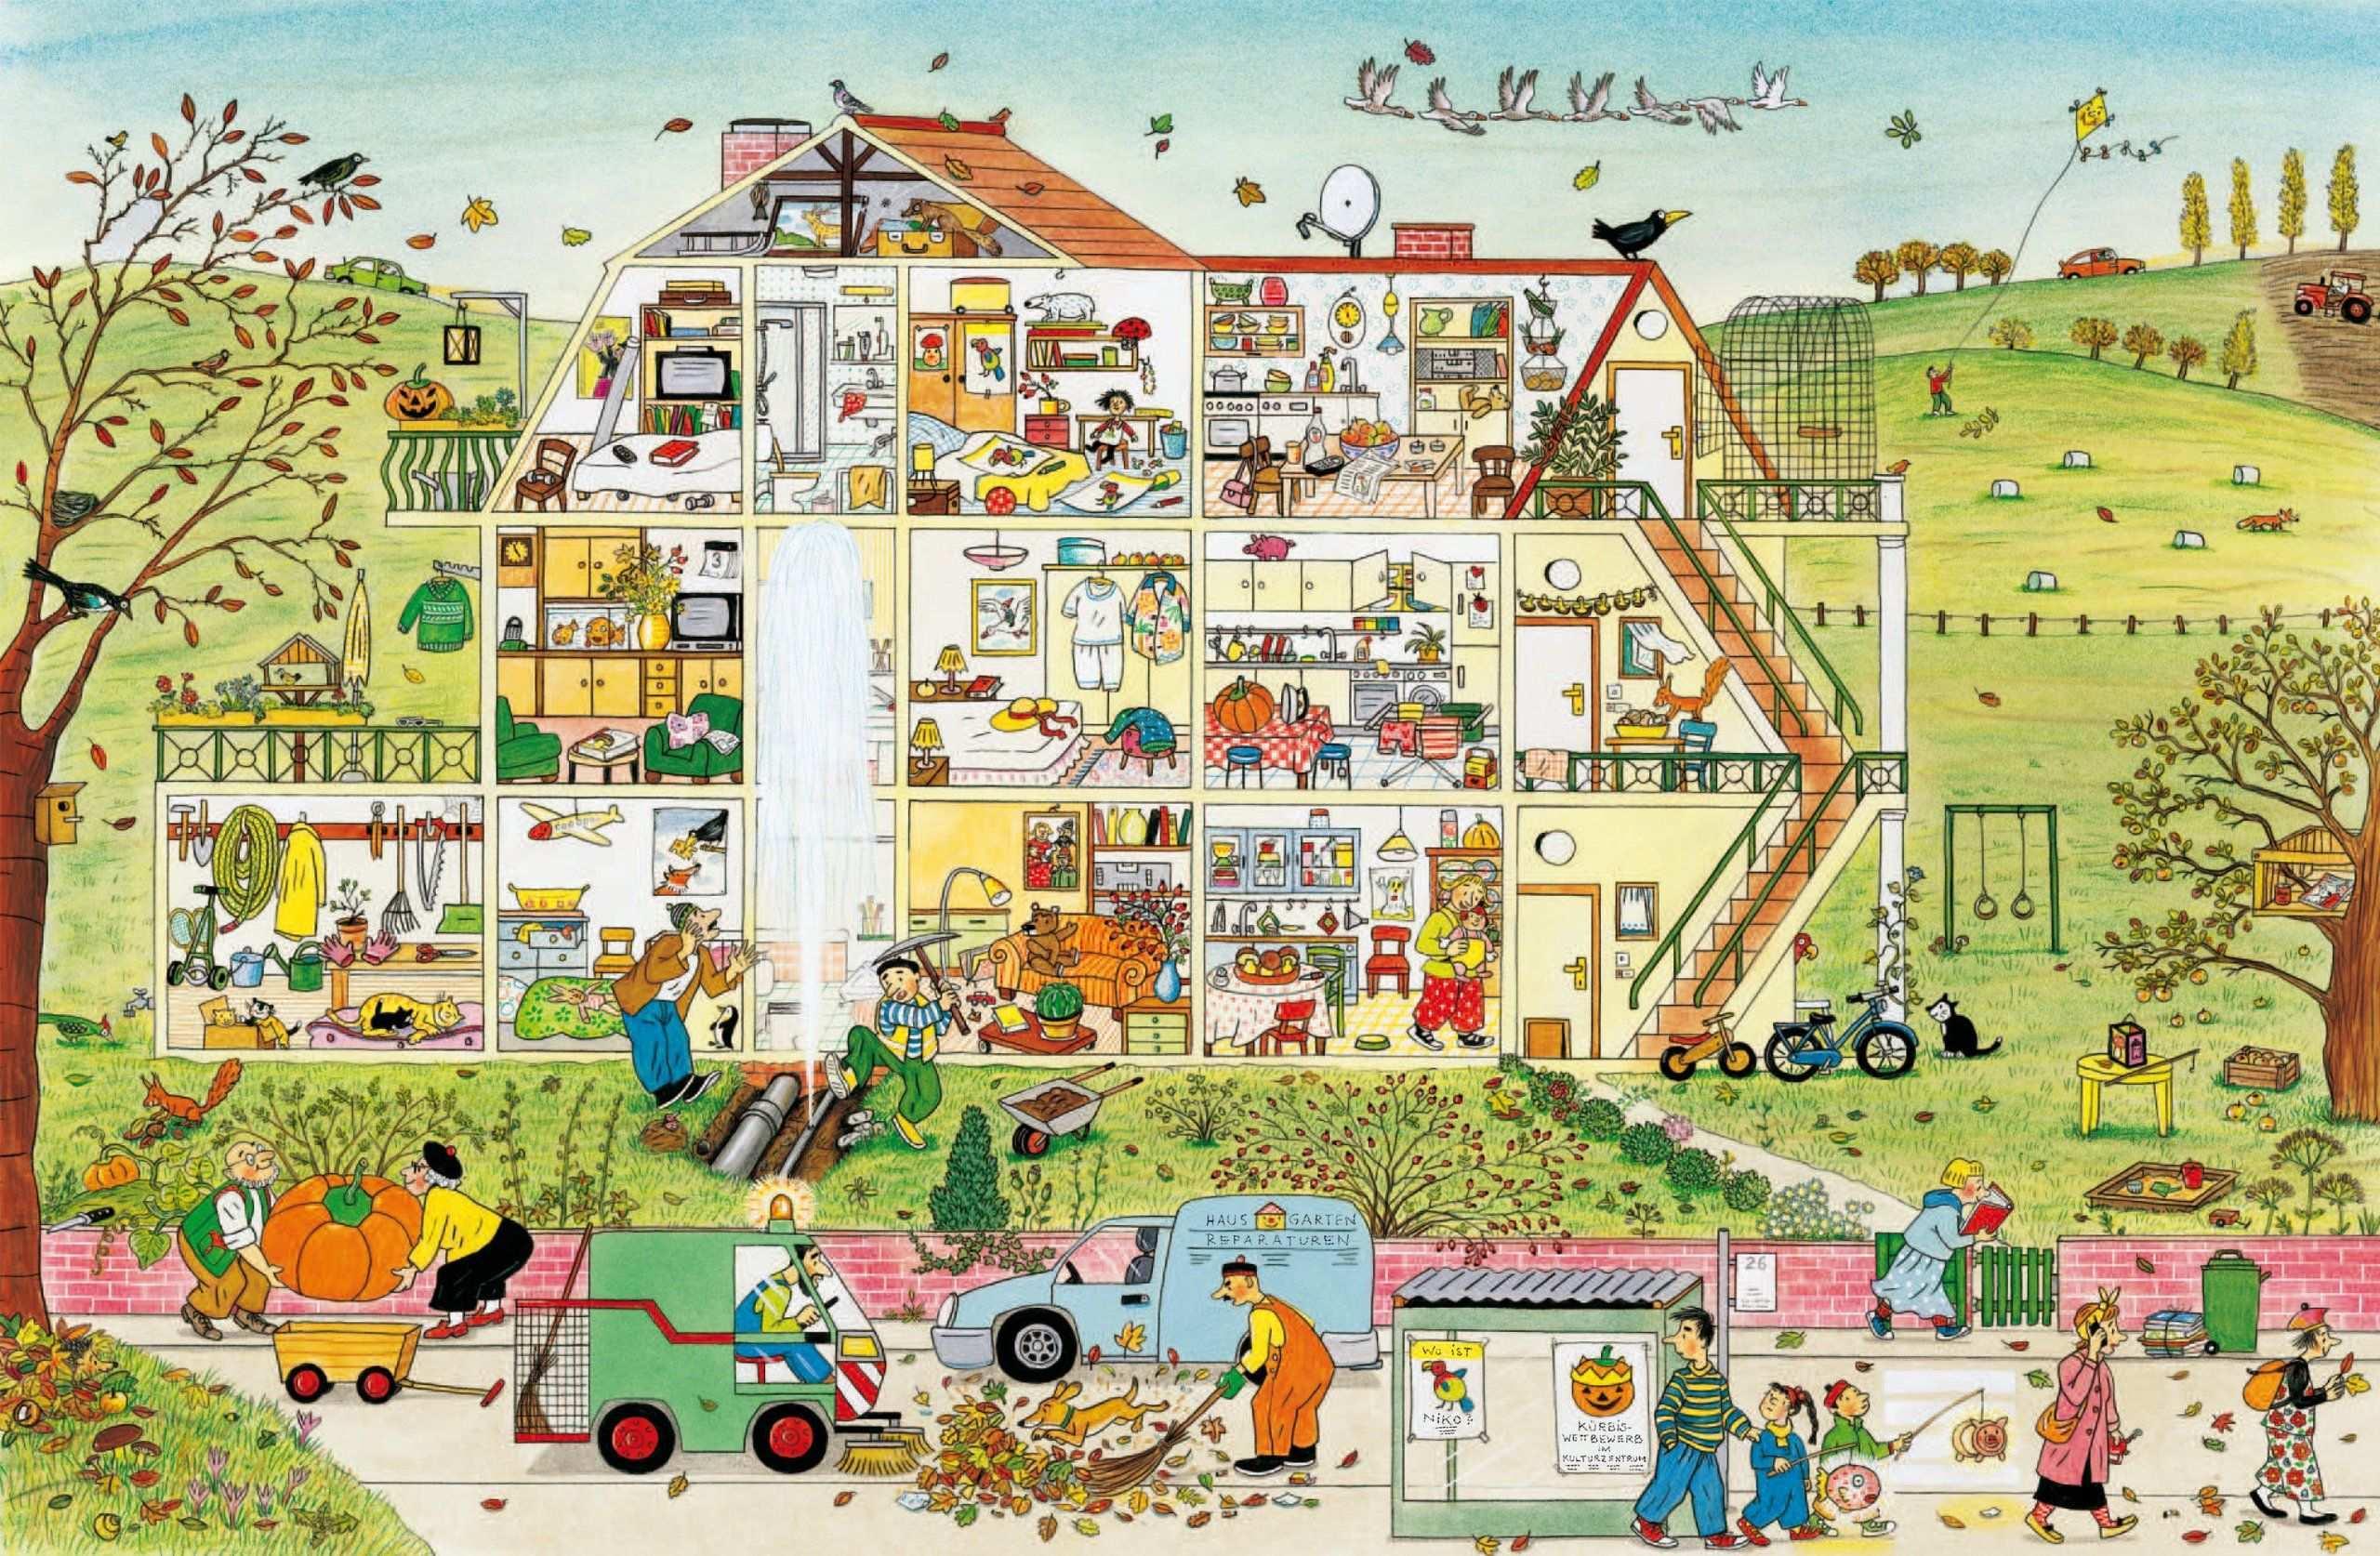 Herbst Wimmelbuch Rotraut Susanne Berner 9783836951012 Amazon Com Books Lustige Geschichten Fur Kinder Wimmelbild Bucher Fur Kinder